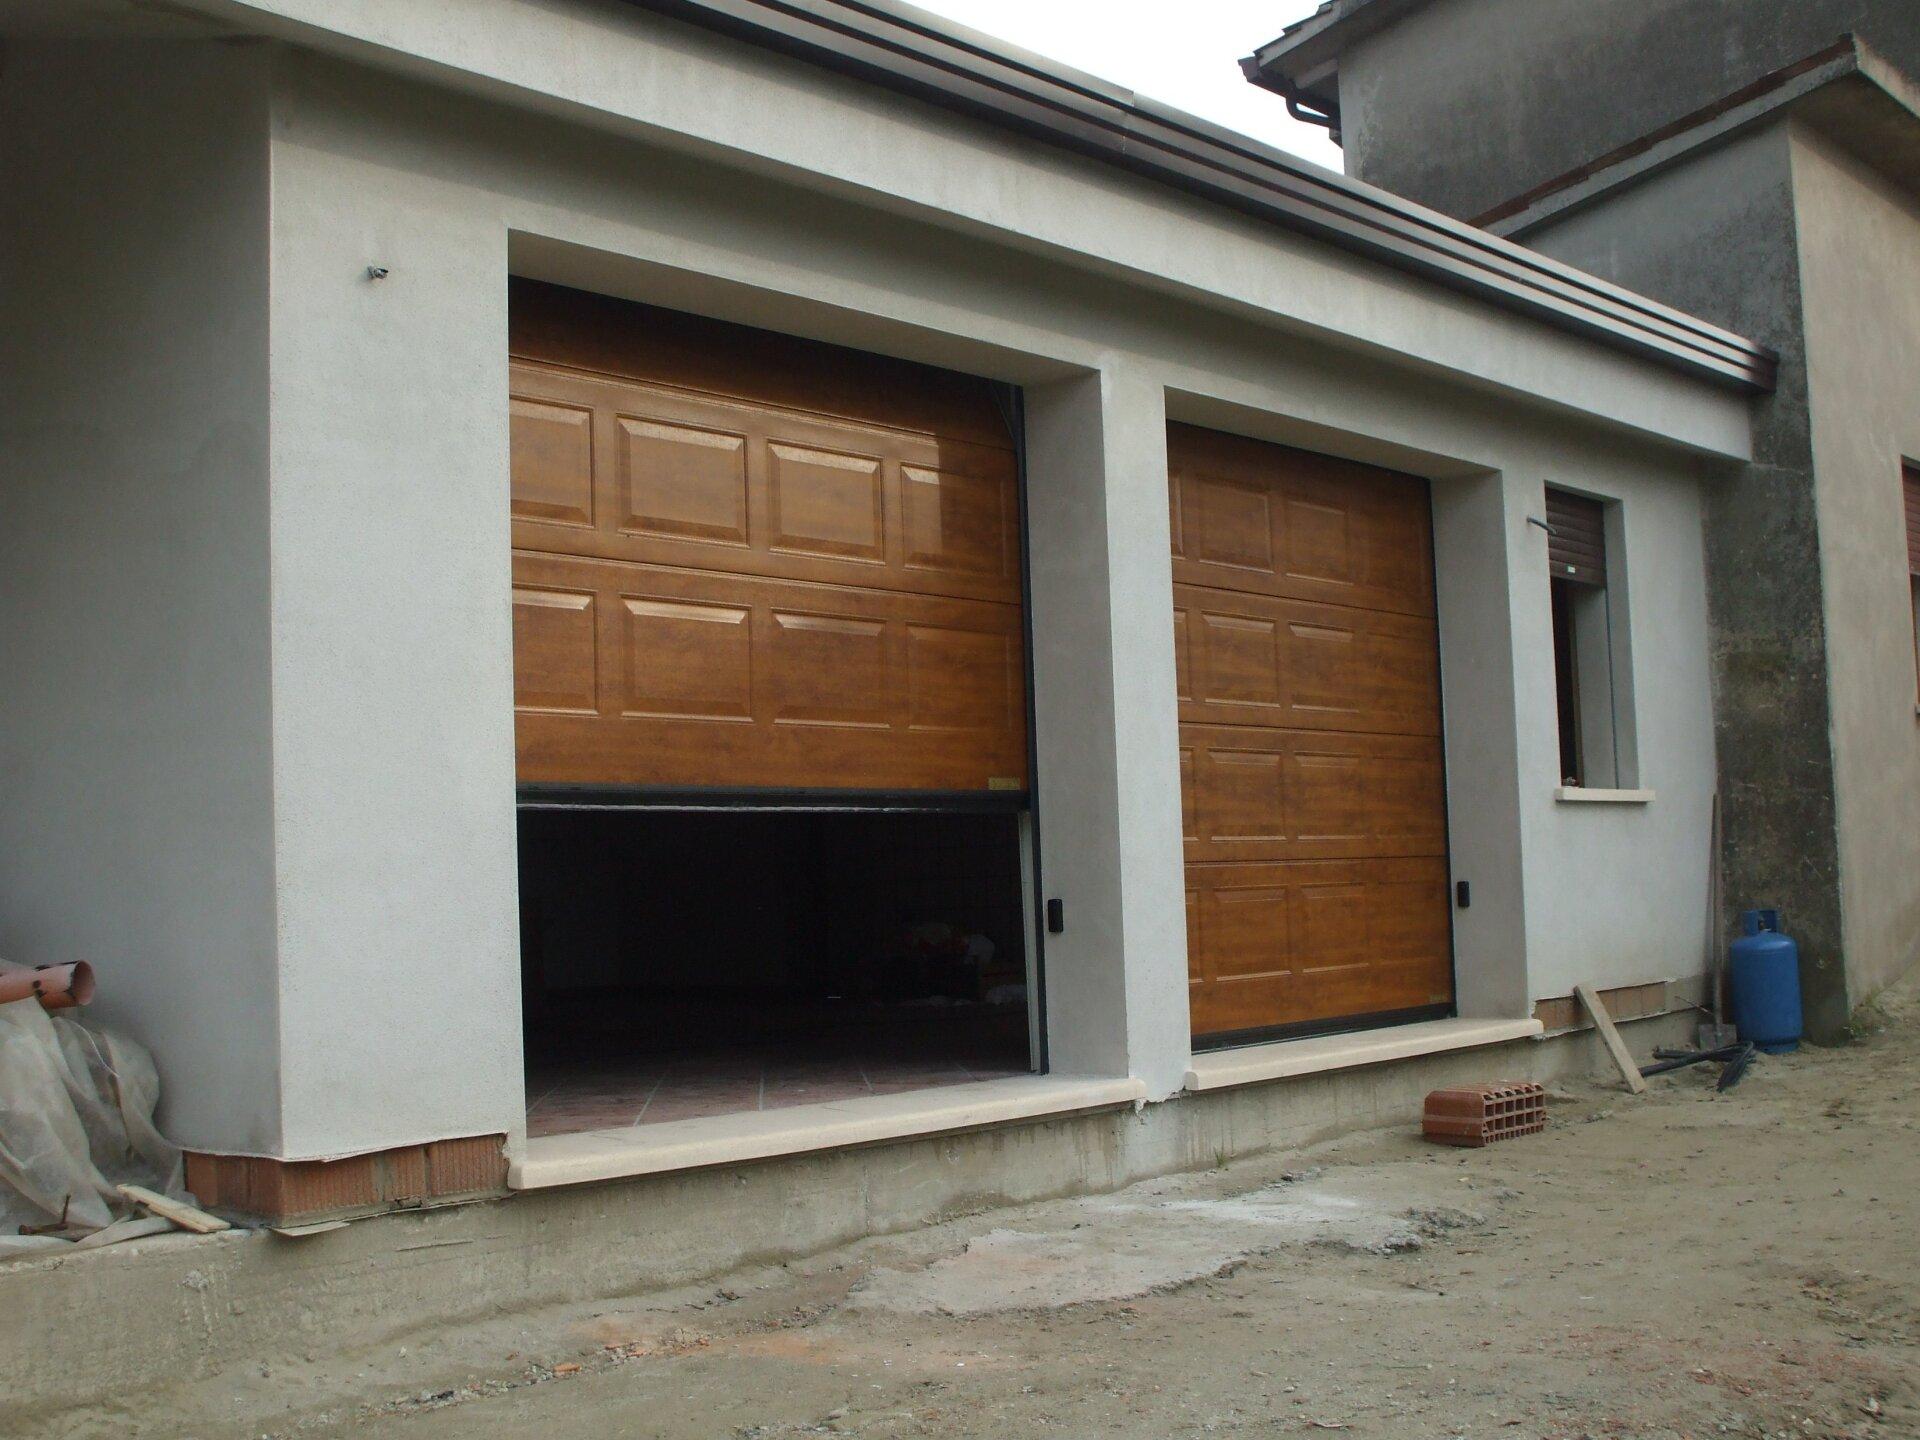 un garage semi aperto e uno chiuso